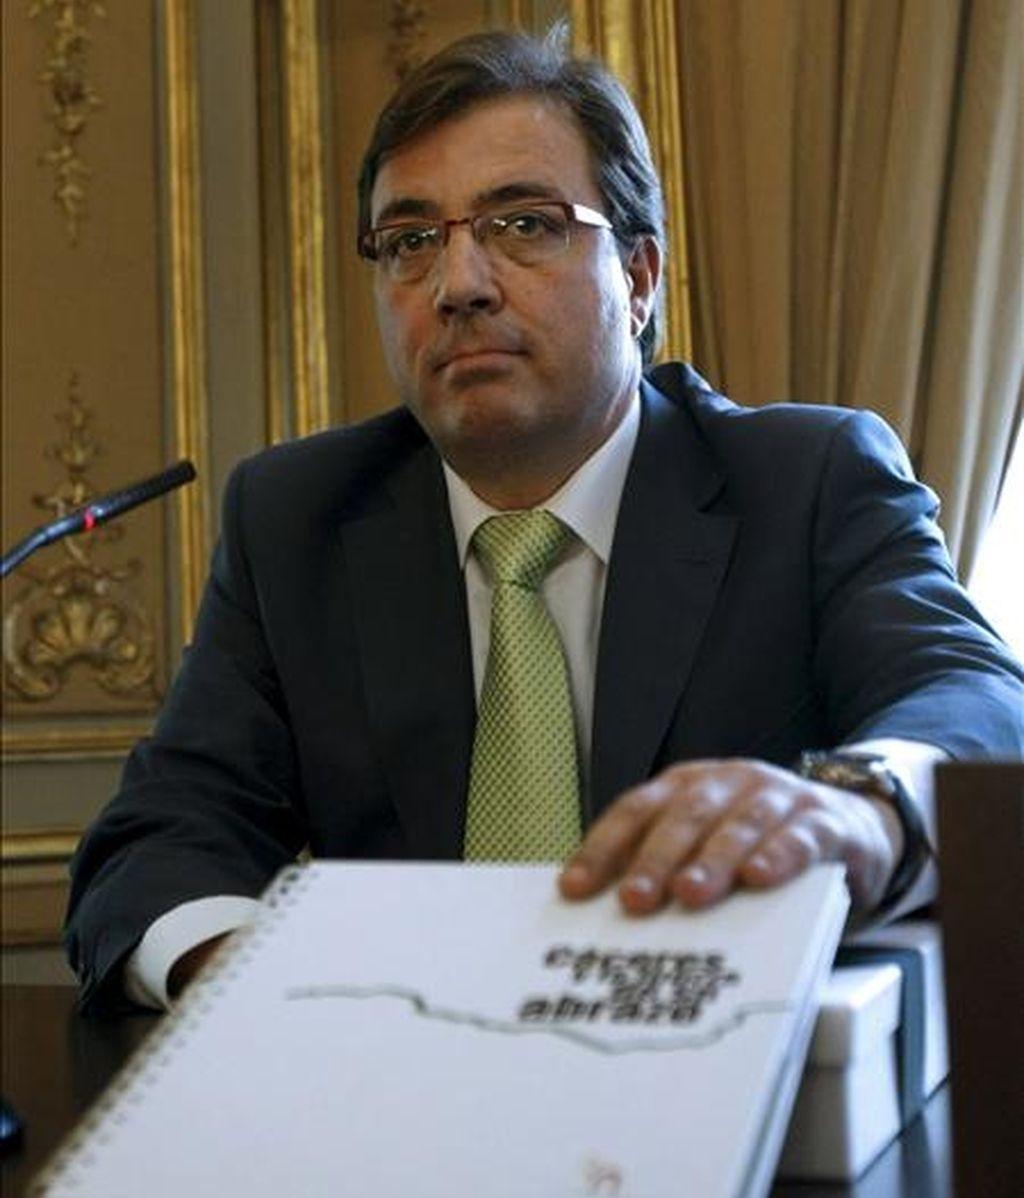 El presidente de Extremadura, Guillermo Fernández Vara. EFE/Archivo